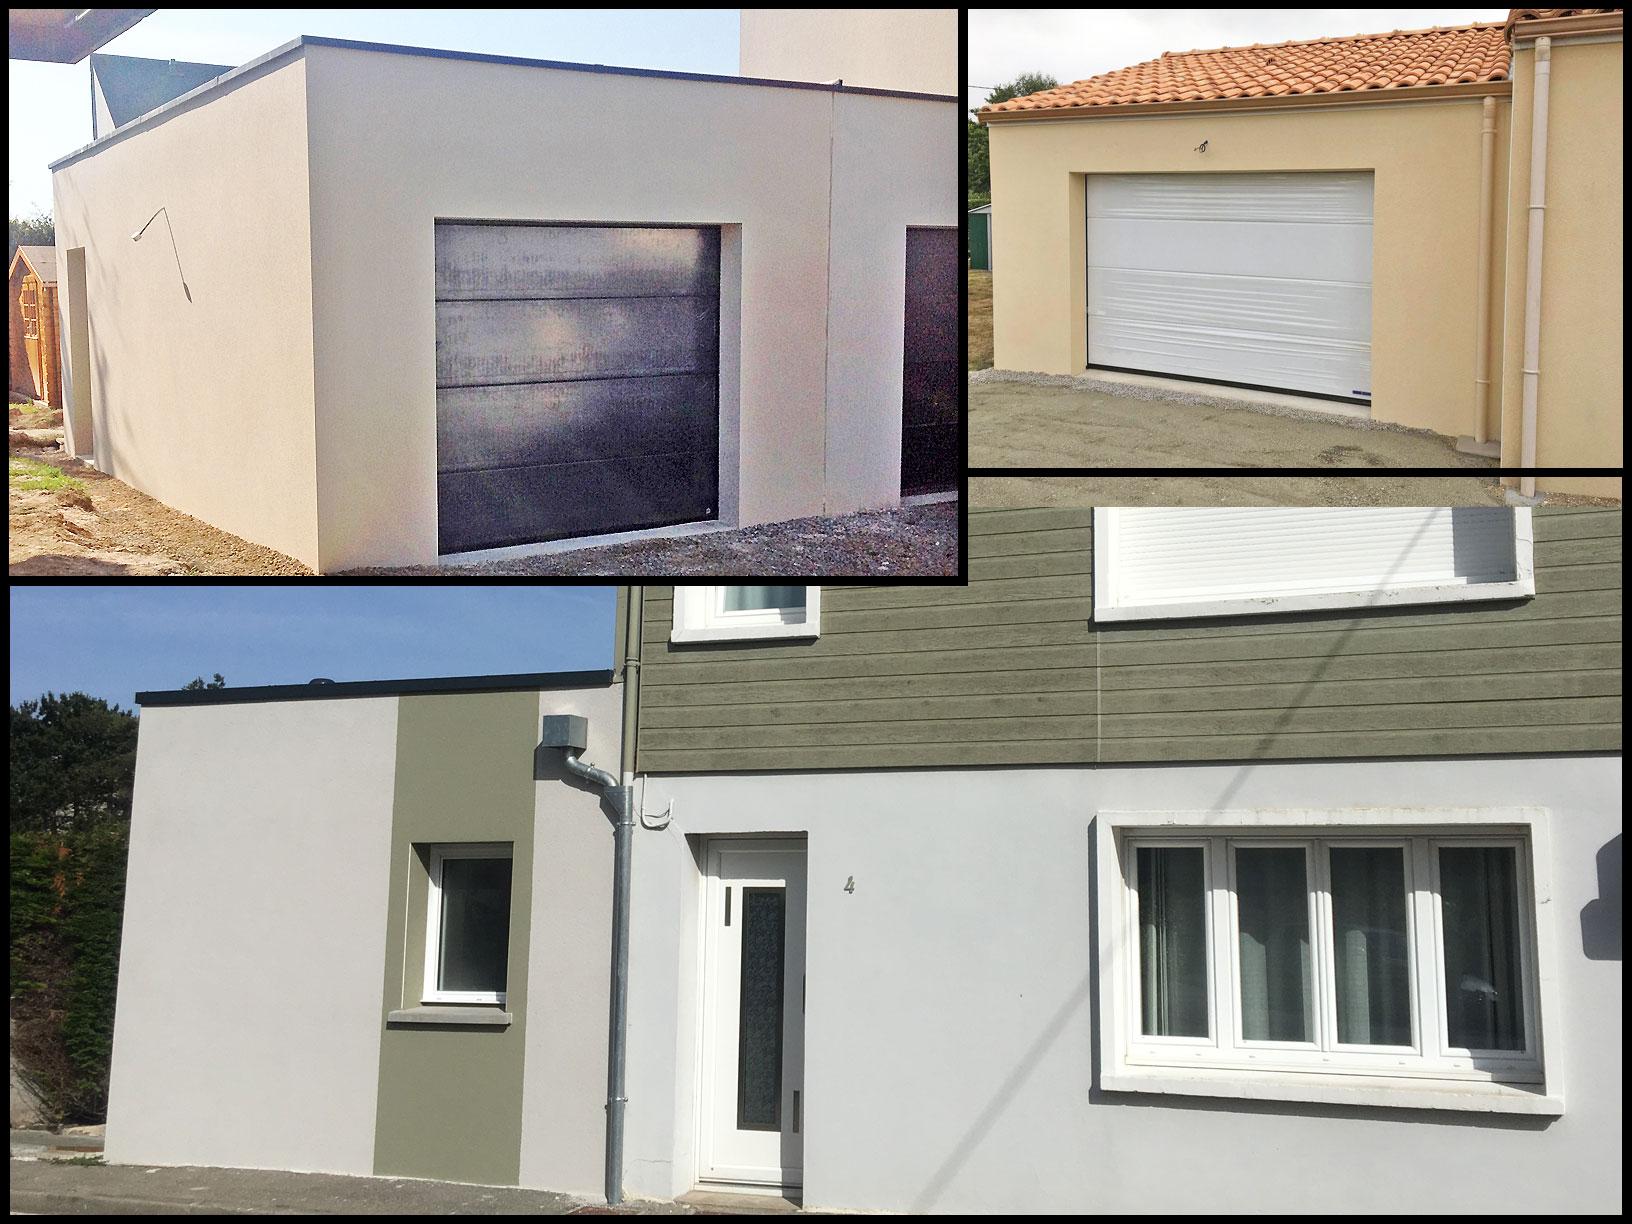 Réalisation d'agrandissements de maison et garage par Cybel Extension